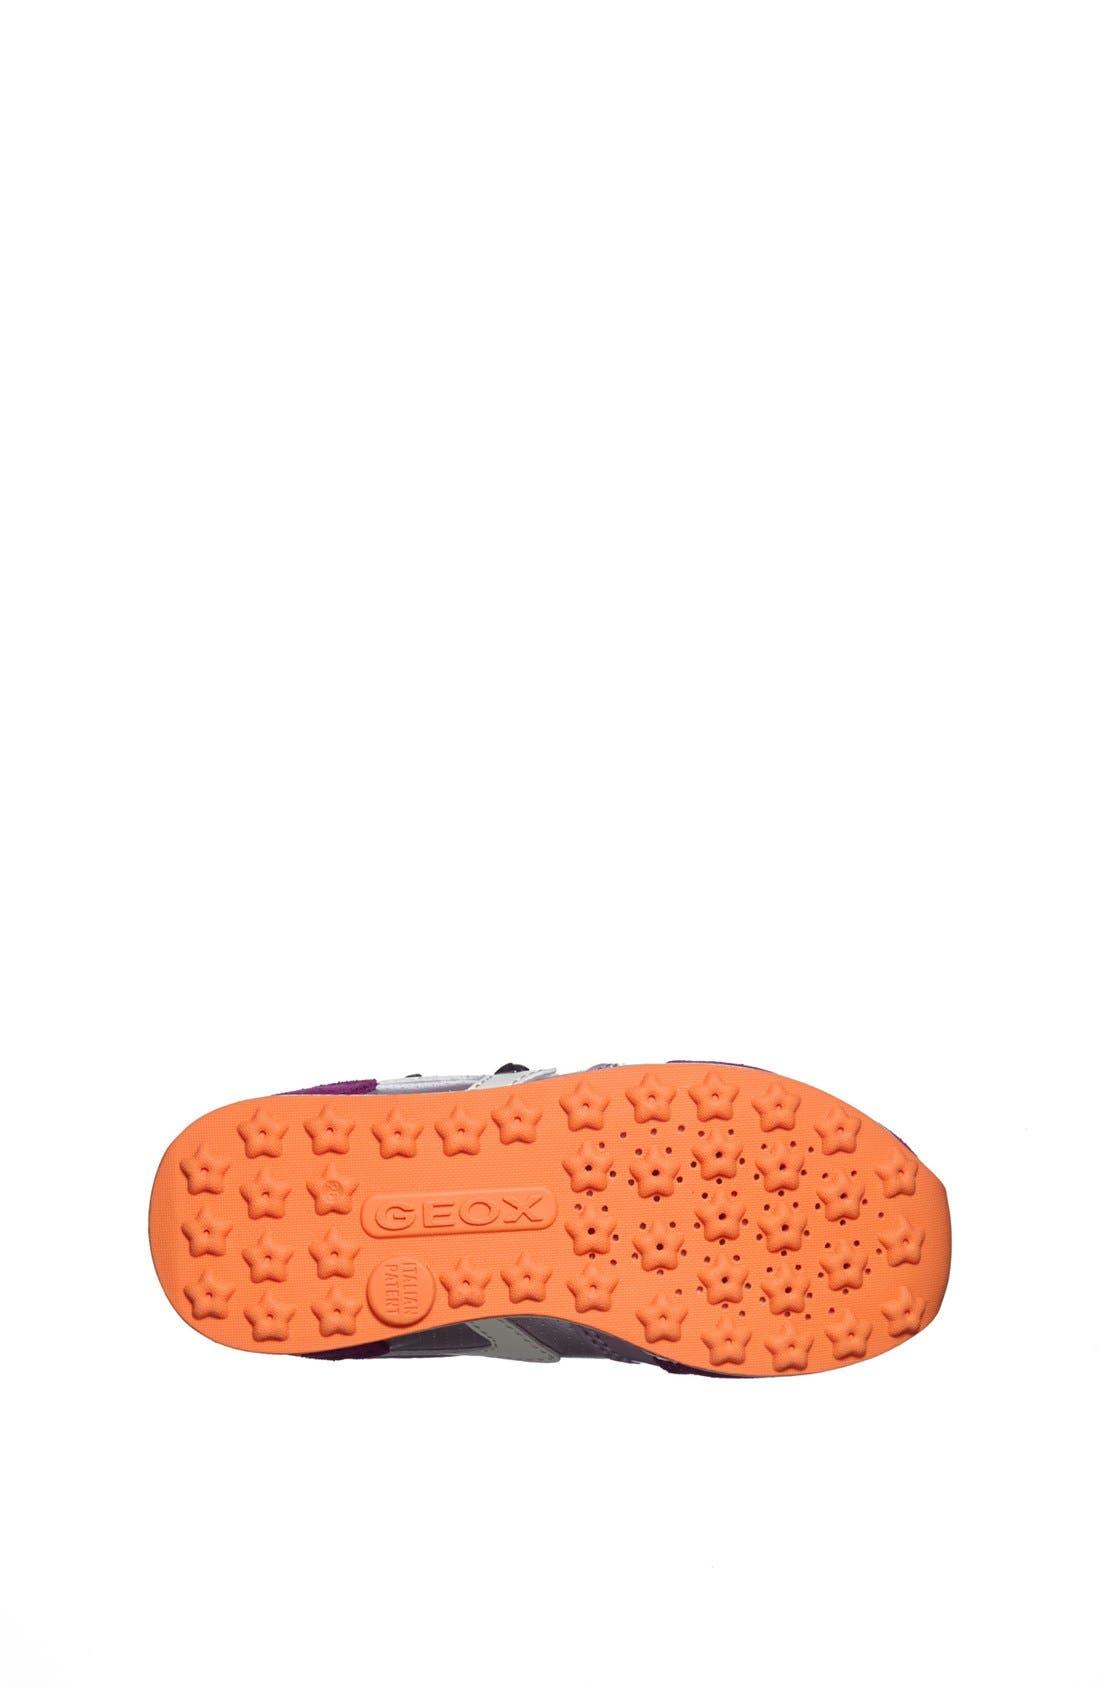 Alternate Image 4  - Geox 'Elliot' Sneaker (Toddler & Little Kid)